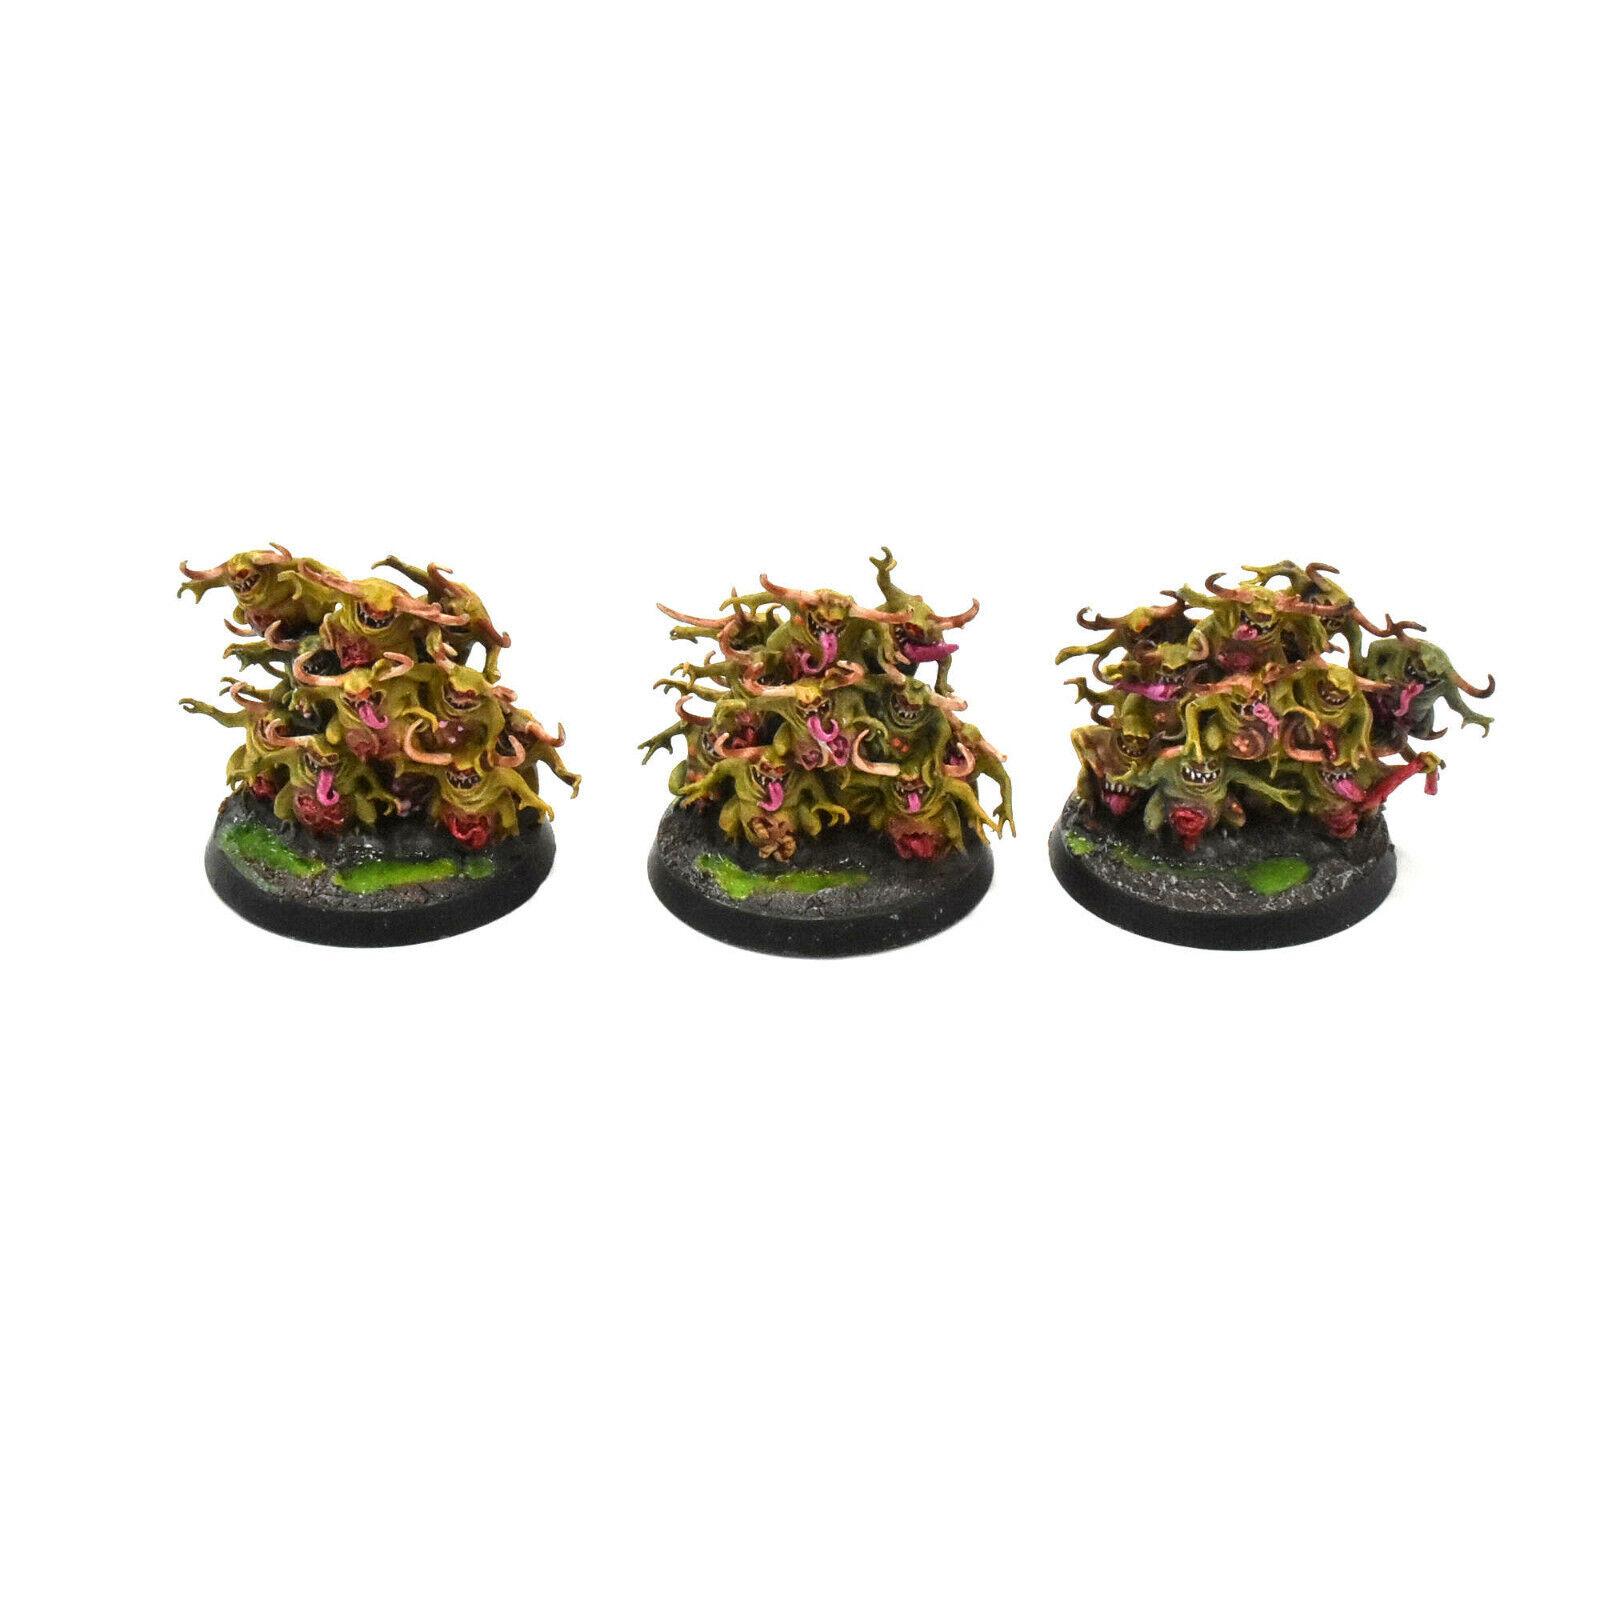 Los guardianes del caos, nurglings 35repas 1 pro painted Sigmar Sigmar Sigmar 40k nurgle. b83